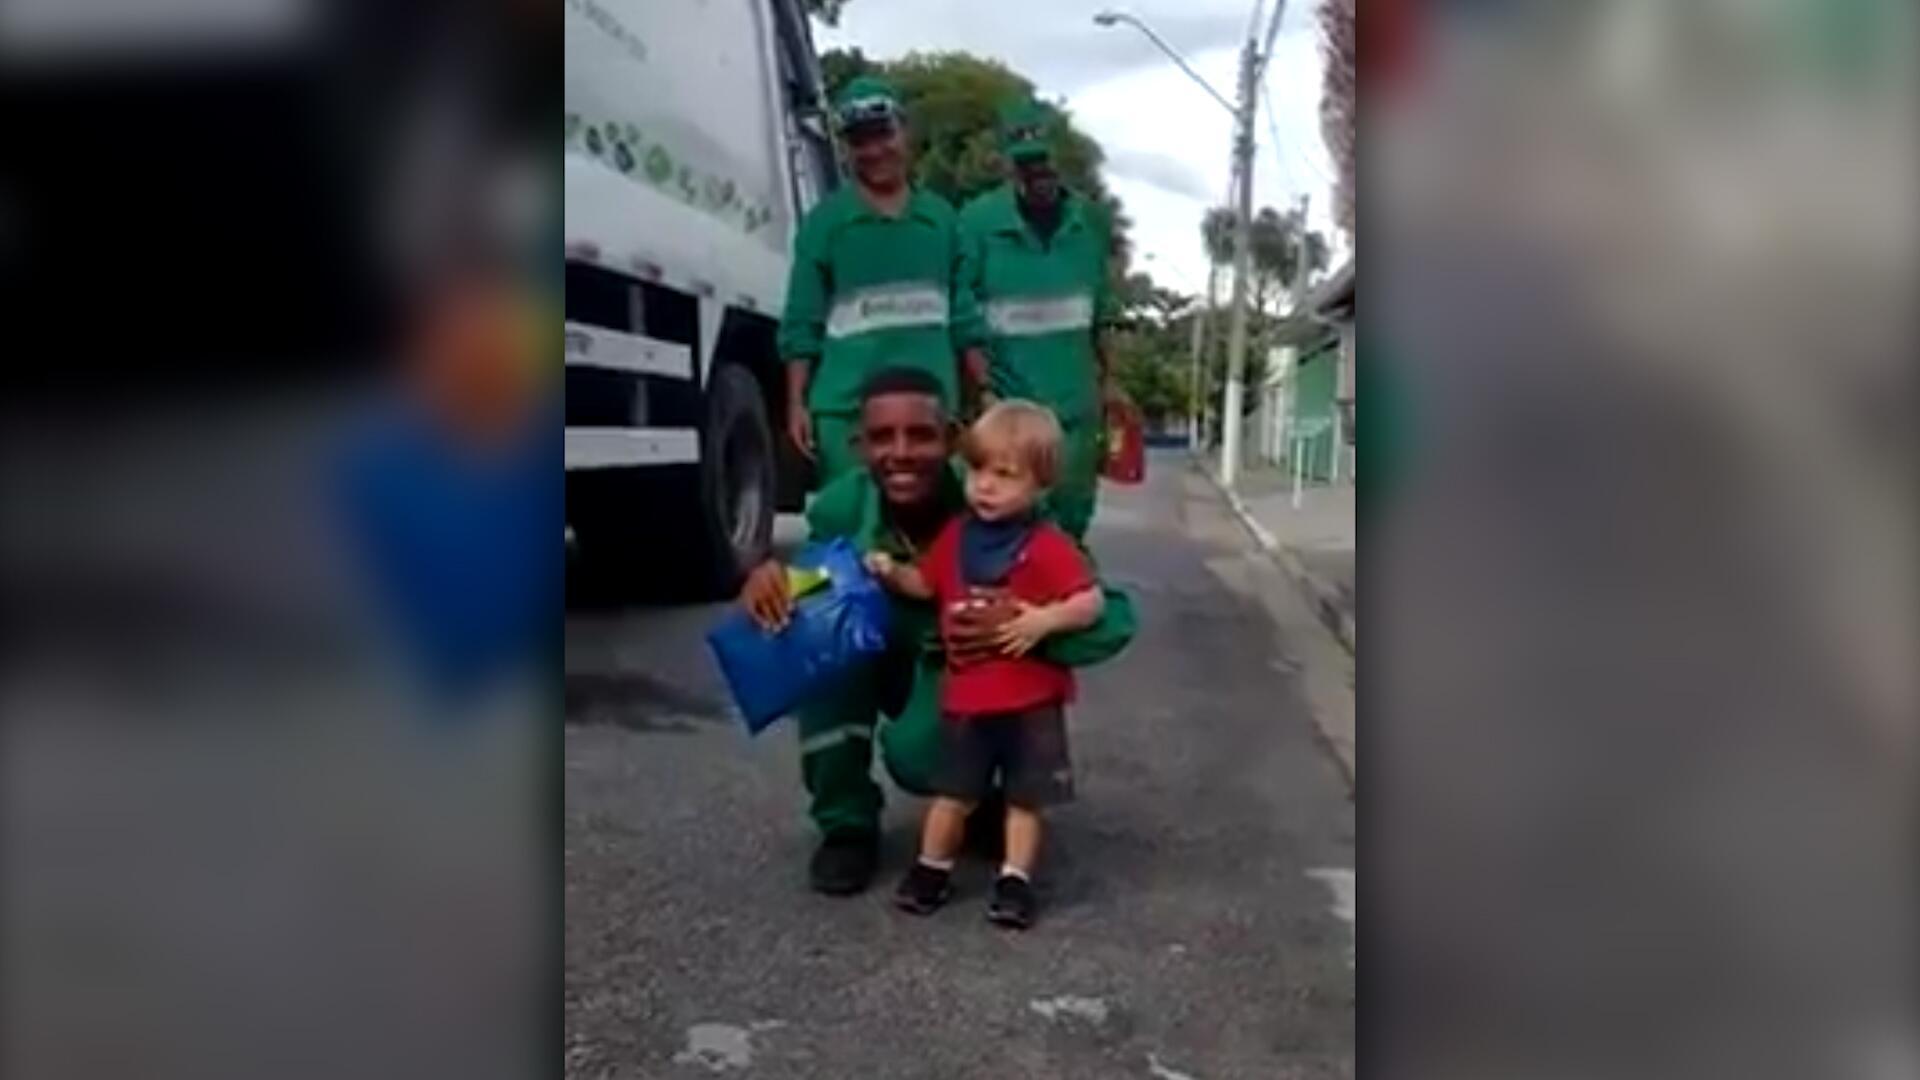 Bild zu Herzerwärmend: Kleiner Junge beschenkt Müllmänner